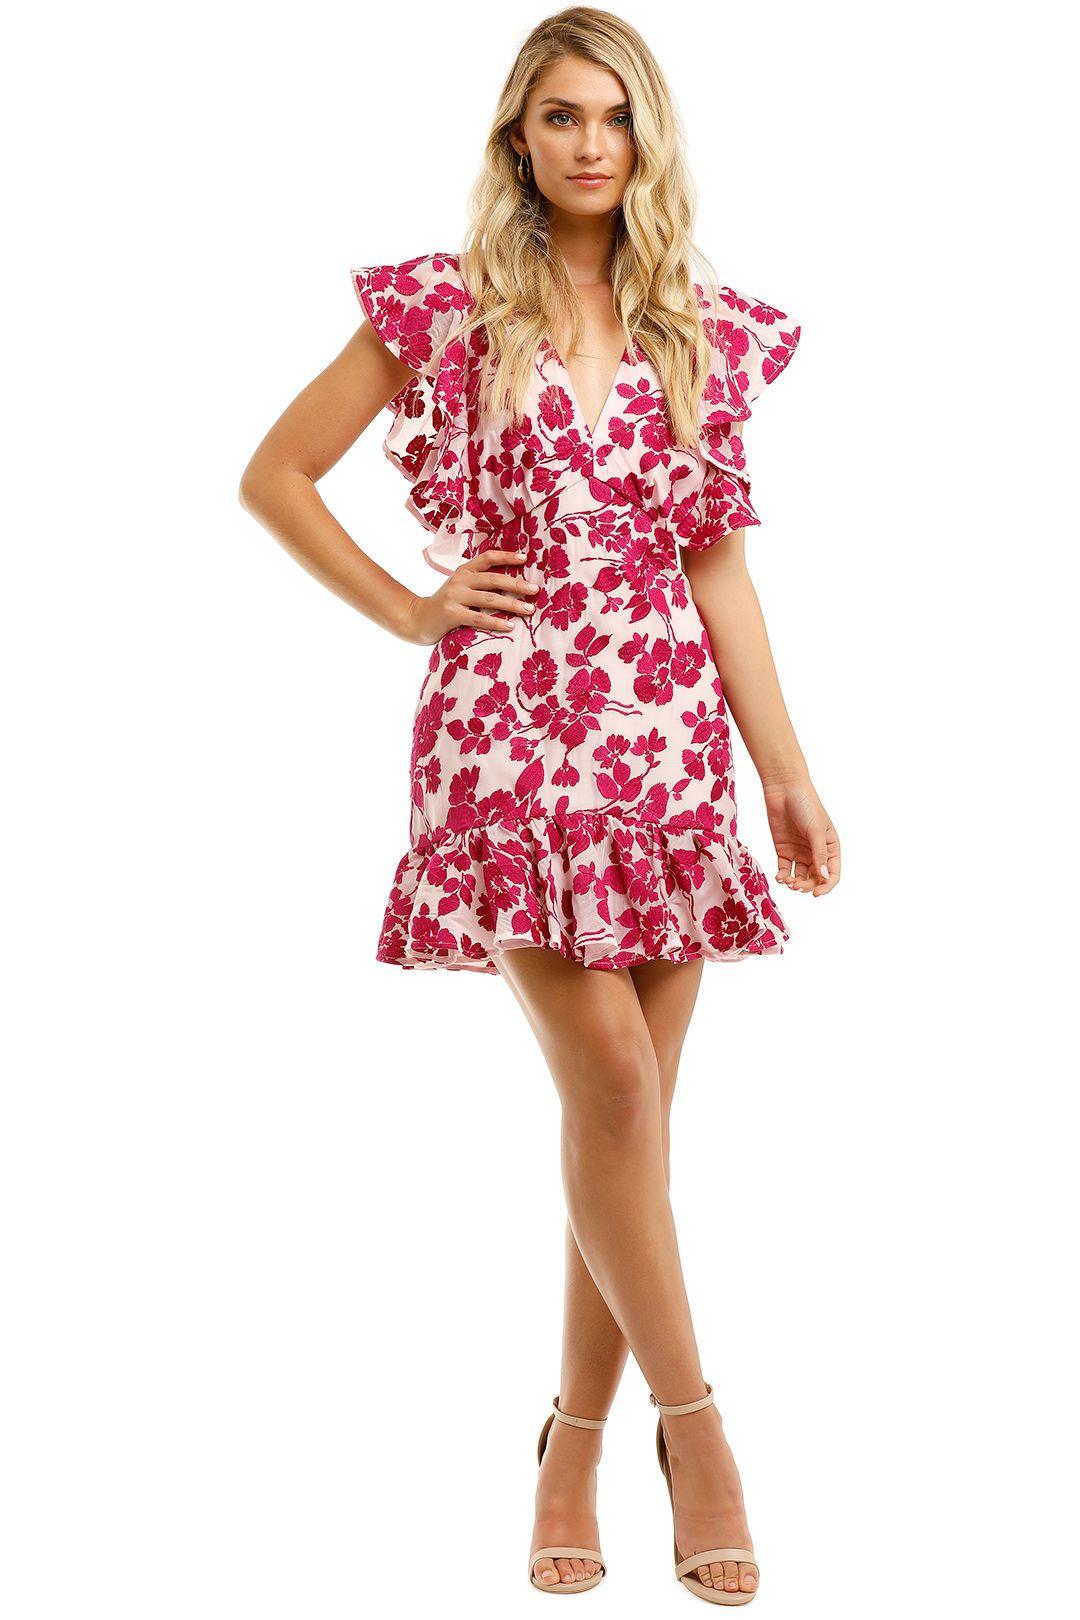 Talulah-Les-Saison-Mini-Dress-Front